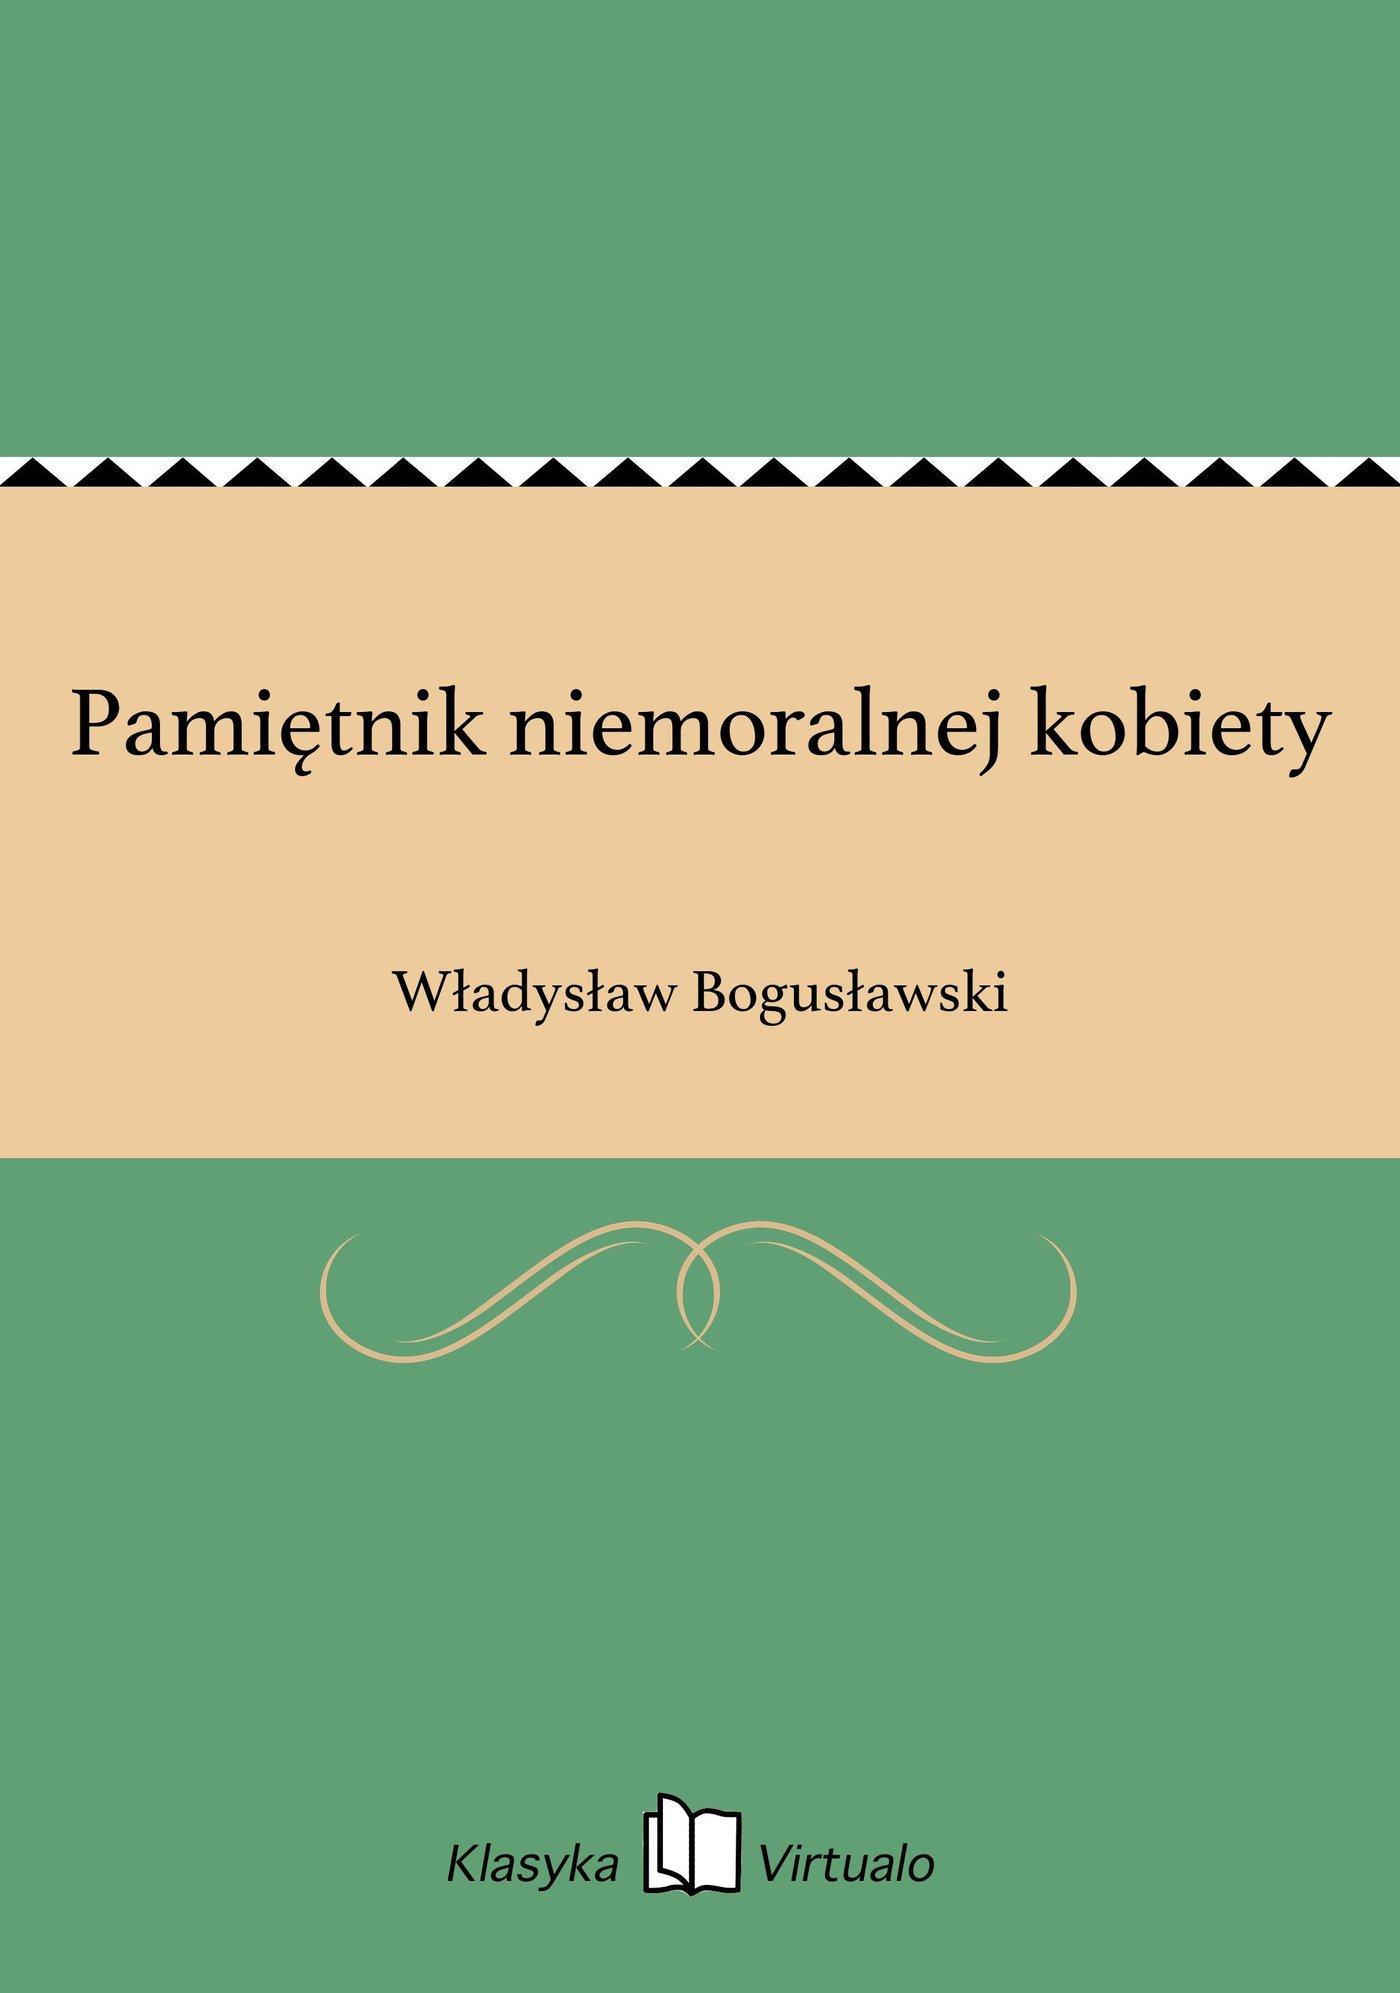 Pamiętnik niemoralnej kobiety - Ebook (Książka na Kindle) do pobrania w formacie MOBI